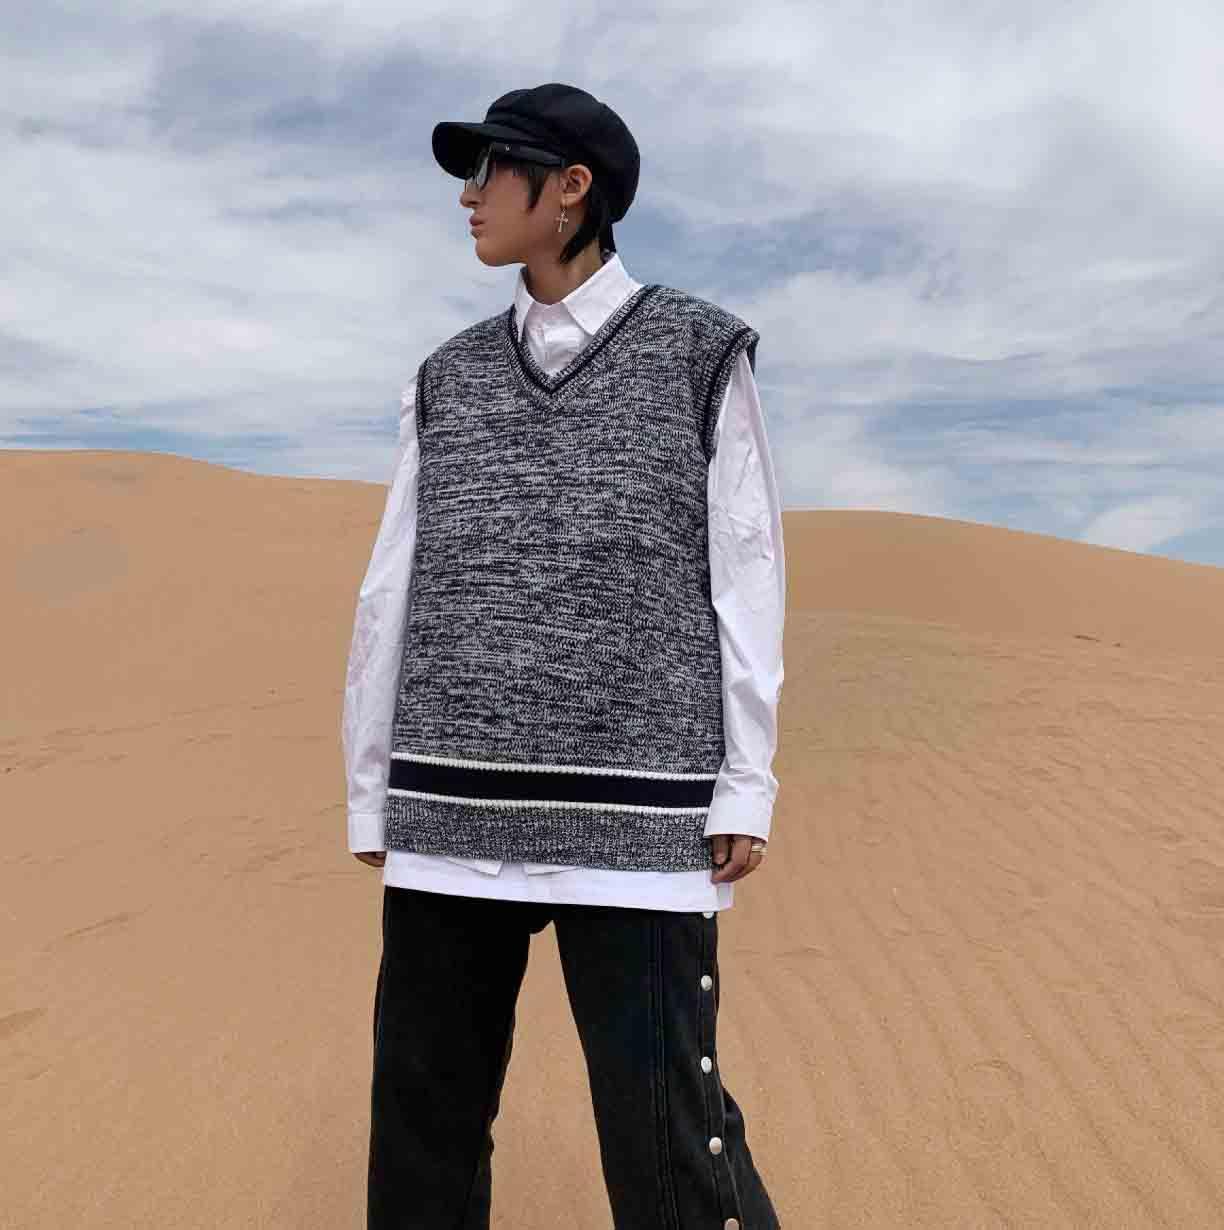 Erkek Desinger Kolsuz Yelek Kazak Yüksek Kalite Kaşmir Blend V Boyun Dış Giyim Yelek Erkekler Kadınlar Için 2021 Yeni Varış Kazak Gri Renk Sml